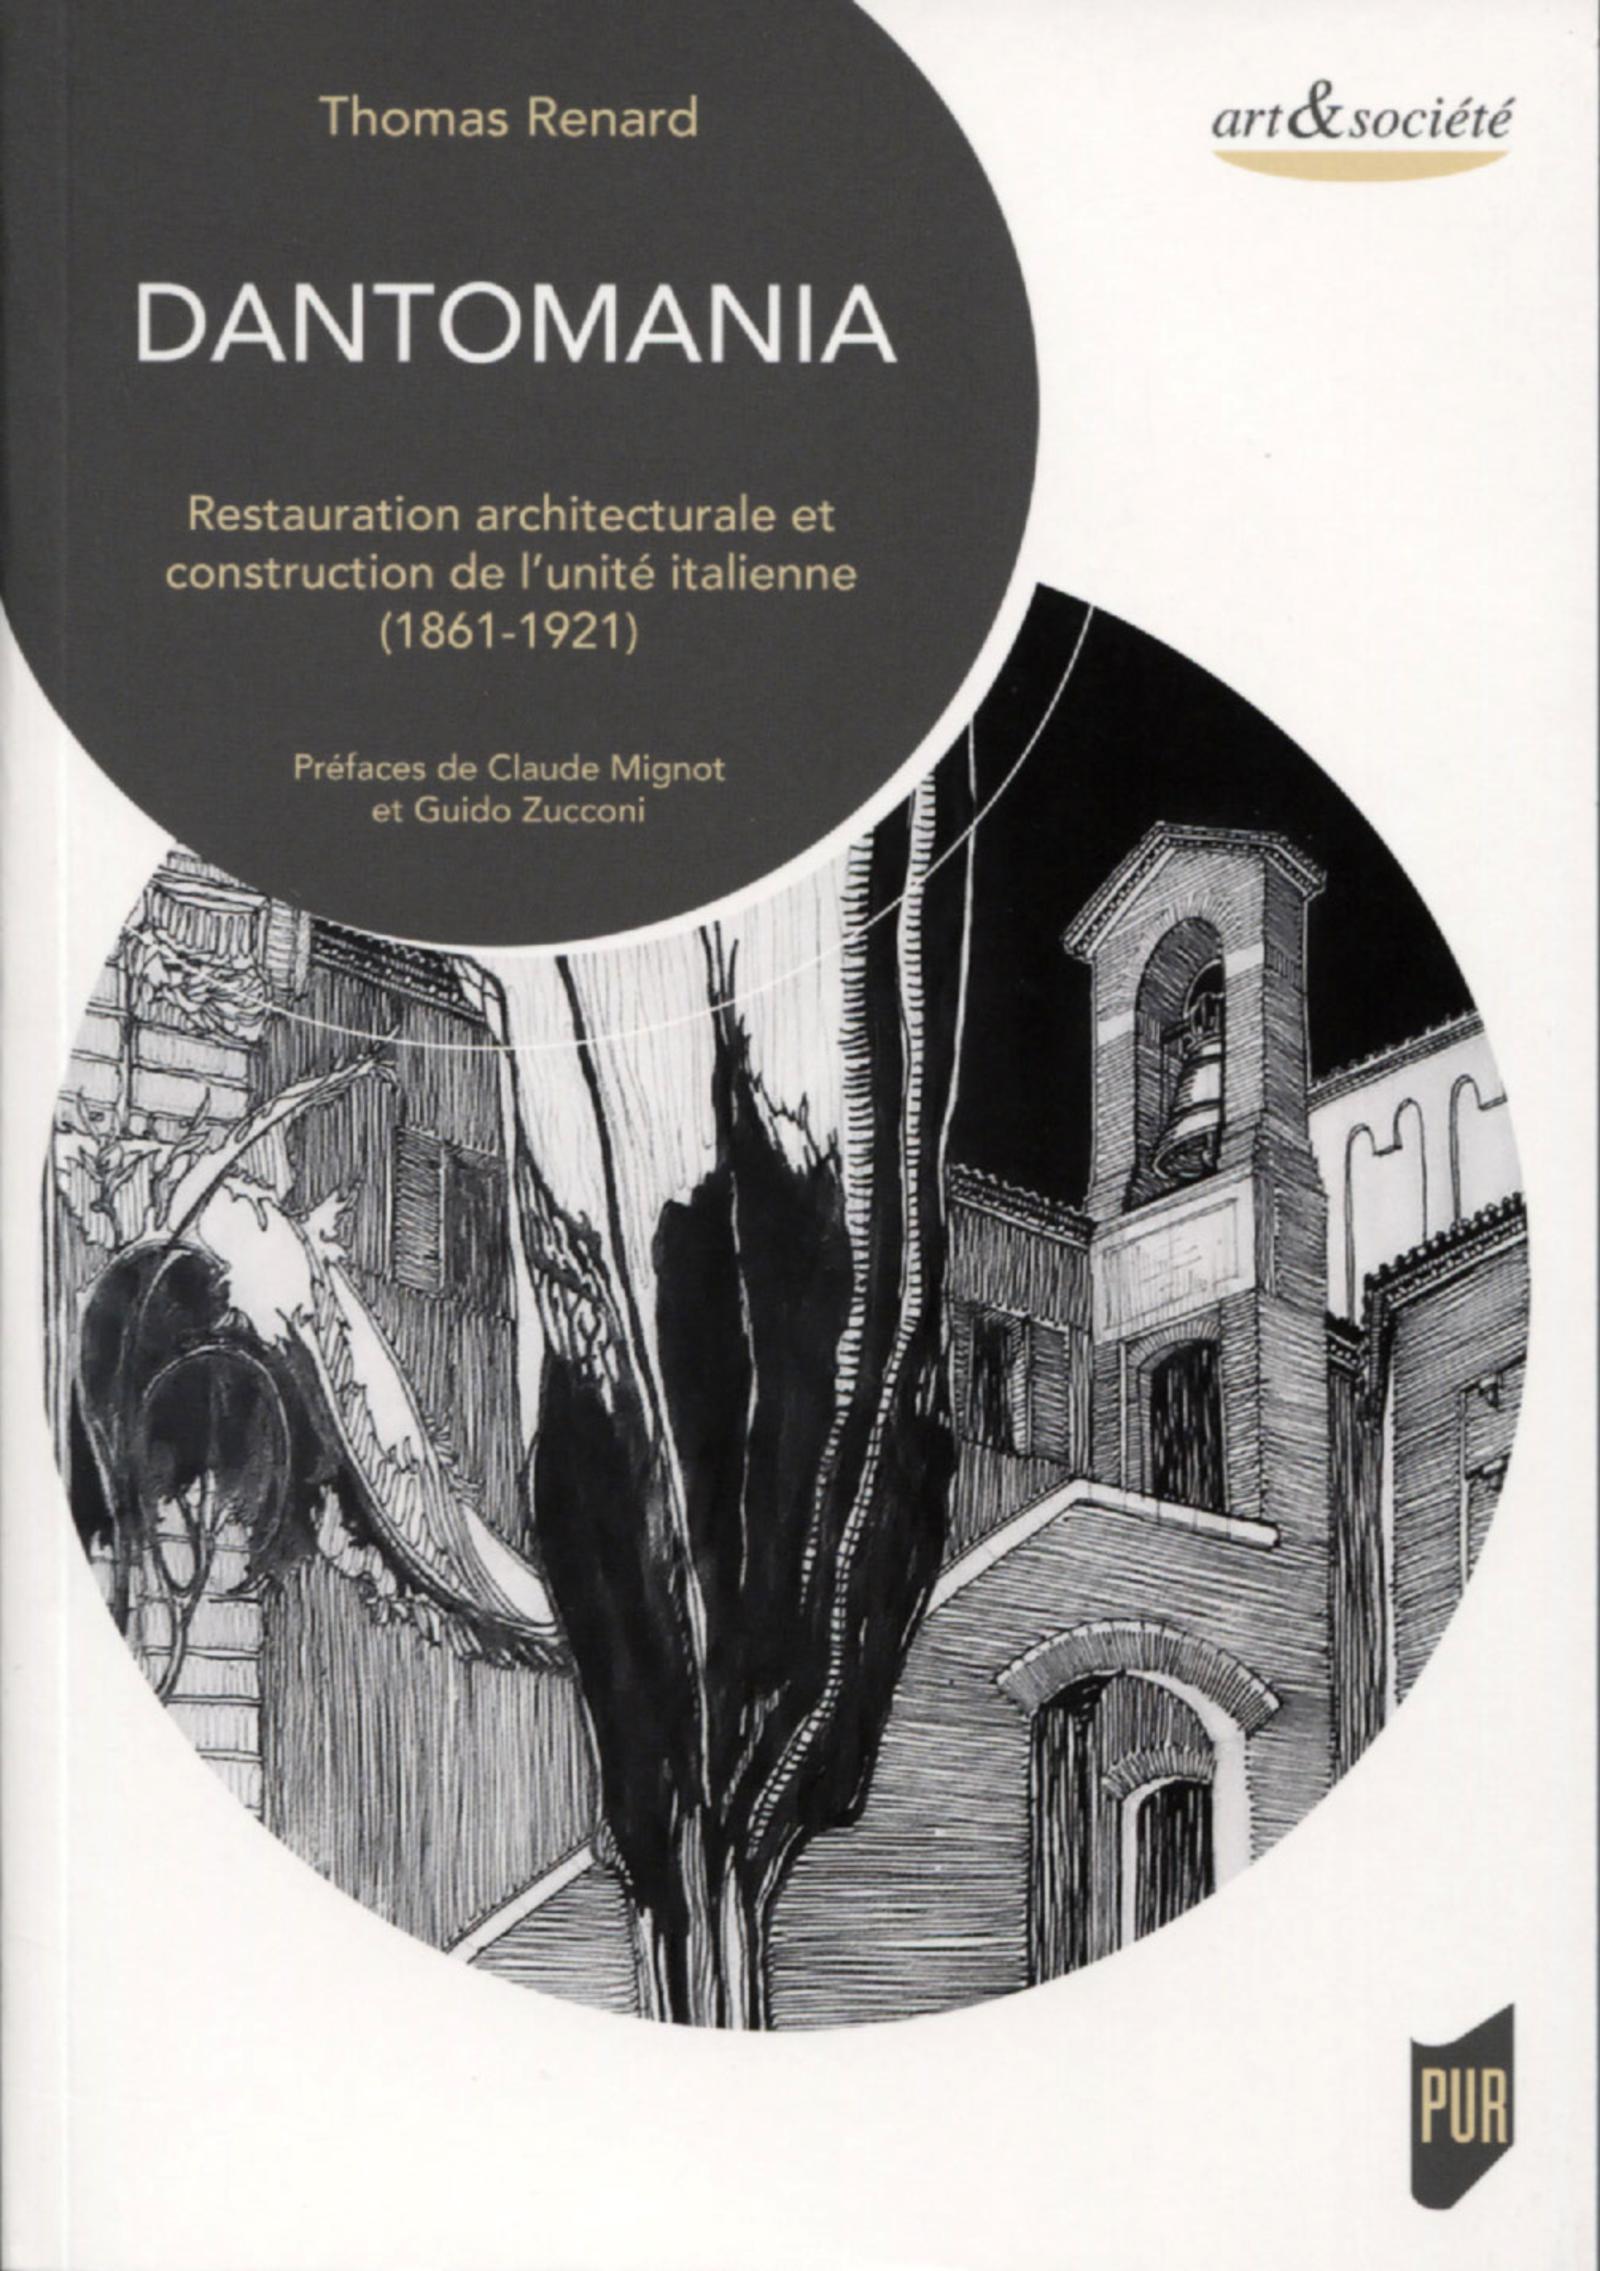 DANTOMANIA - RESTAURATION ARCHITECTURALE ET CONSTRUCTION DE L'UNITE ITALIENNE (1861-1921). PREFACES